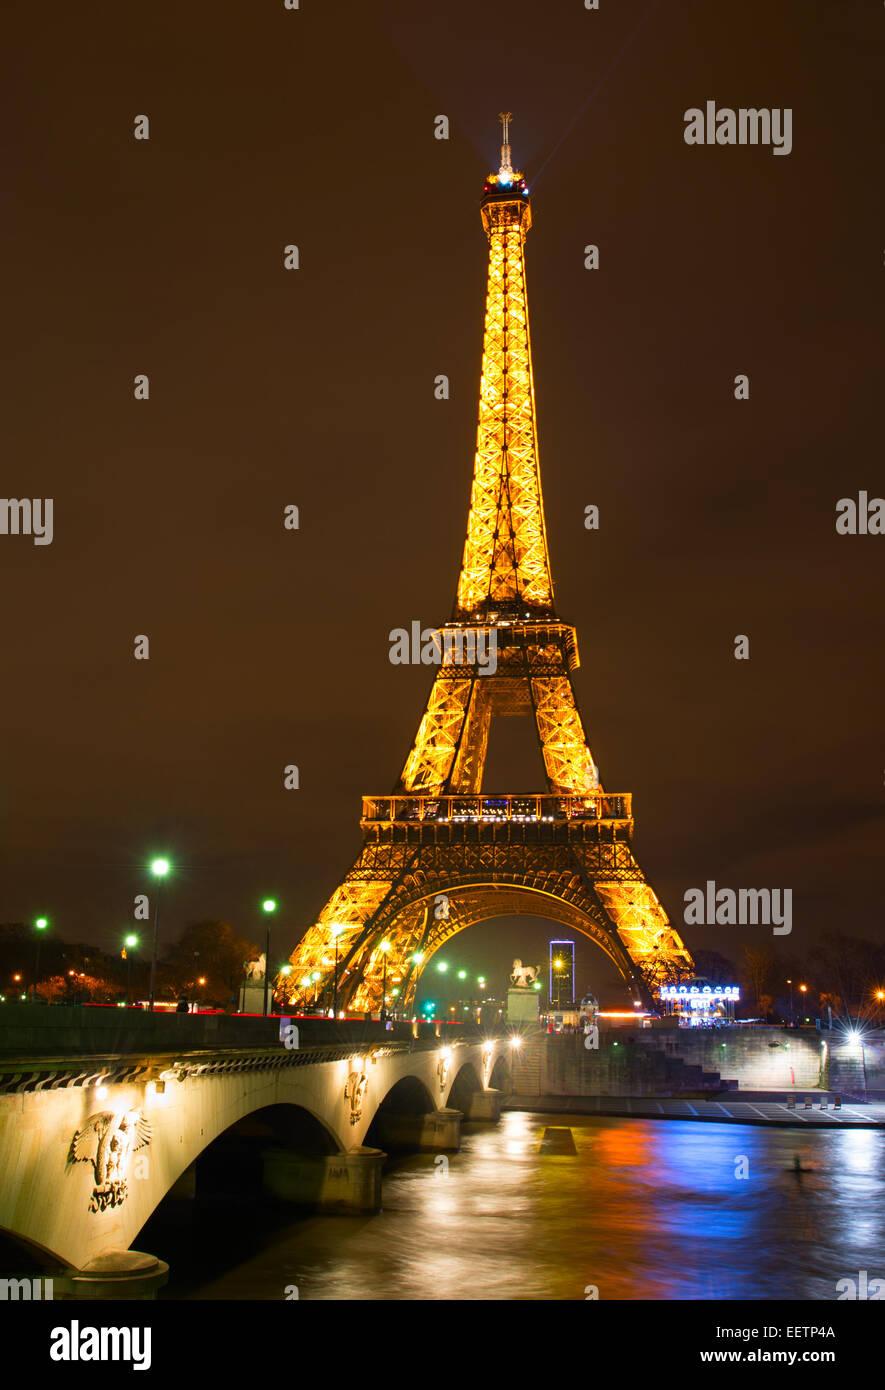 Tour Eiffel la nuit à Paris. La Tour Eiffel se trouve 324 mètres (1 063 pi) de hauteur. Photo Stock